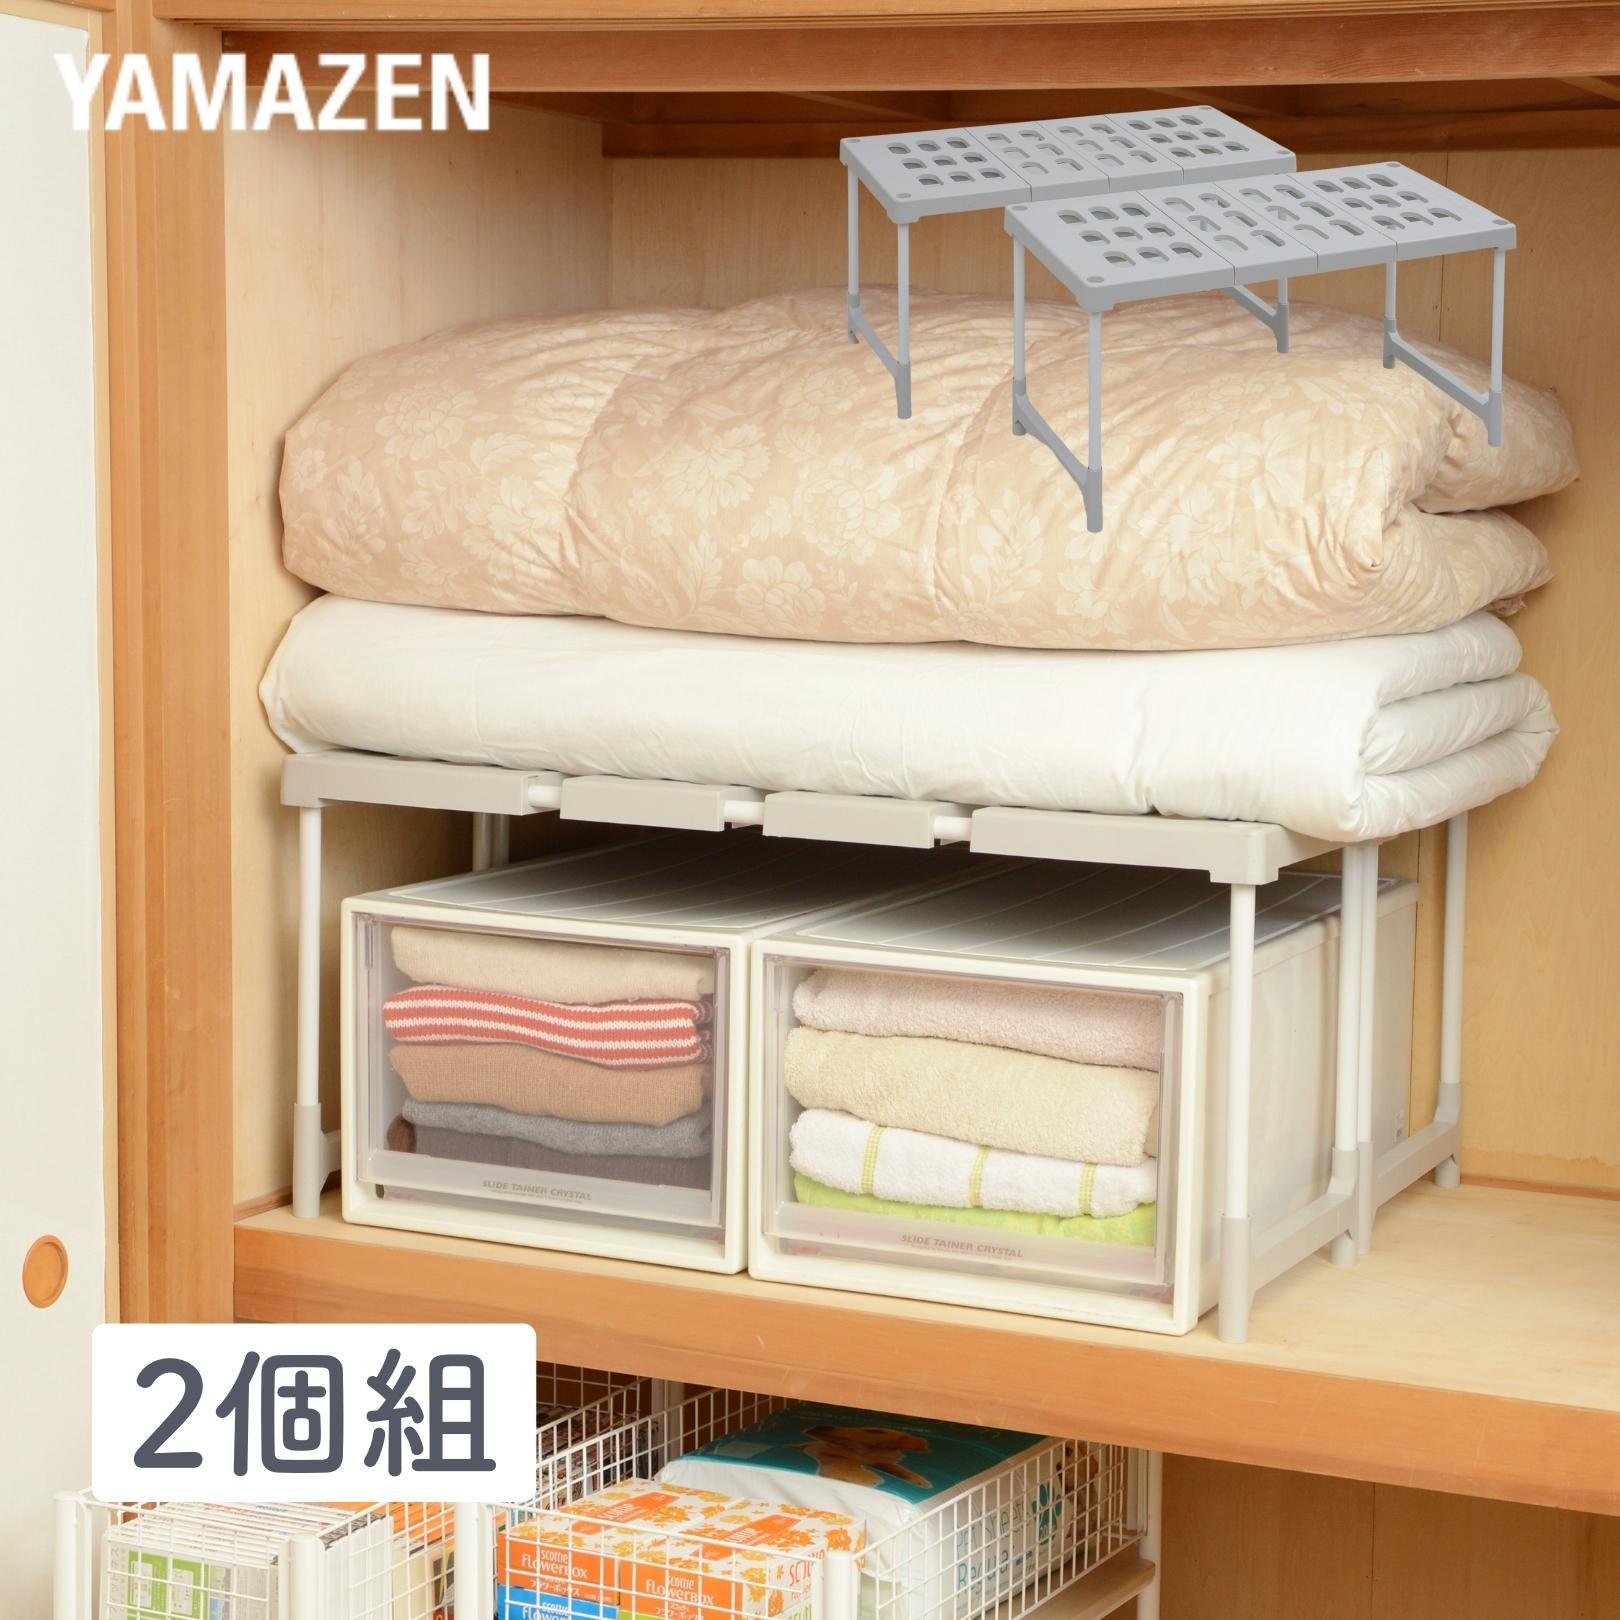 押入れ整理棚 幅伸縮(幅80-92)2個組 押入れ収納 押入収納 押入れラック クローゼット 収納棚 収納ラック 山善 YAMAZEN